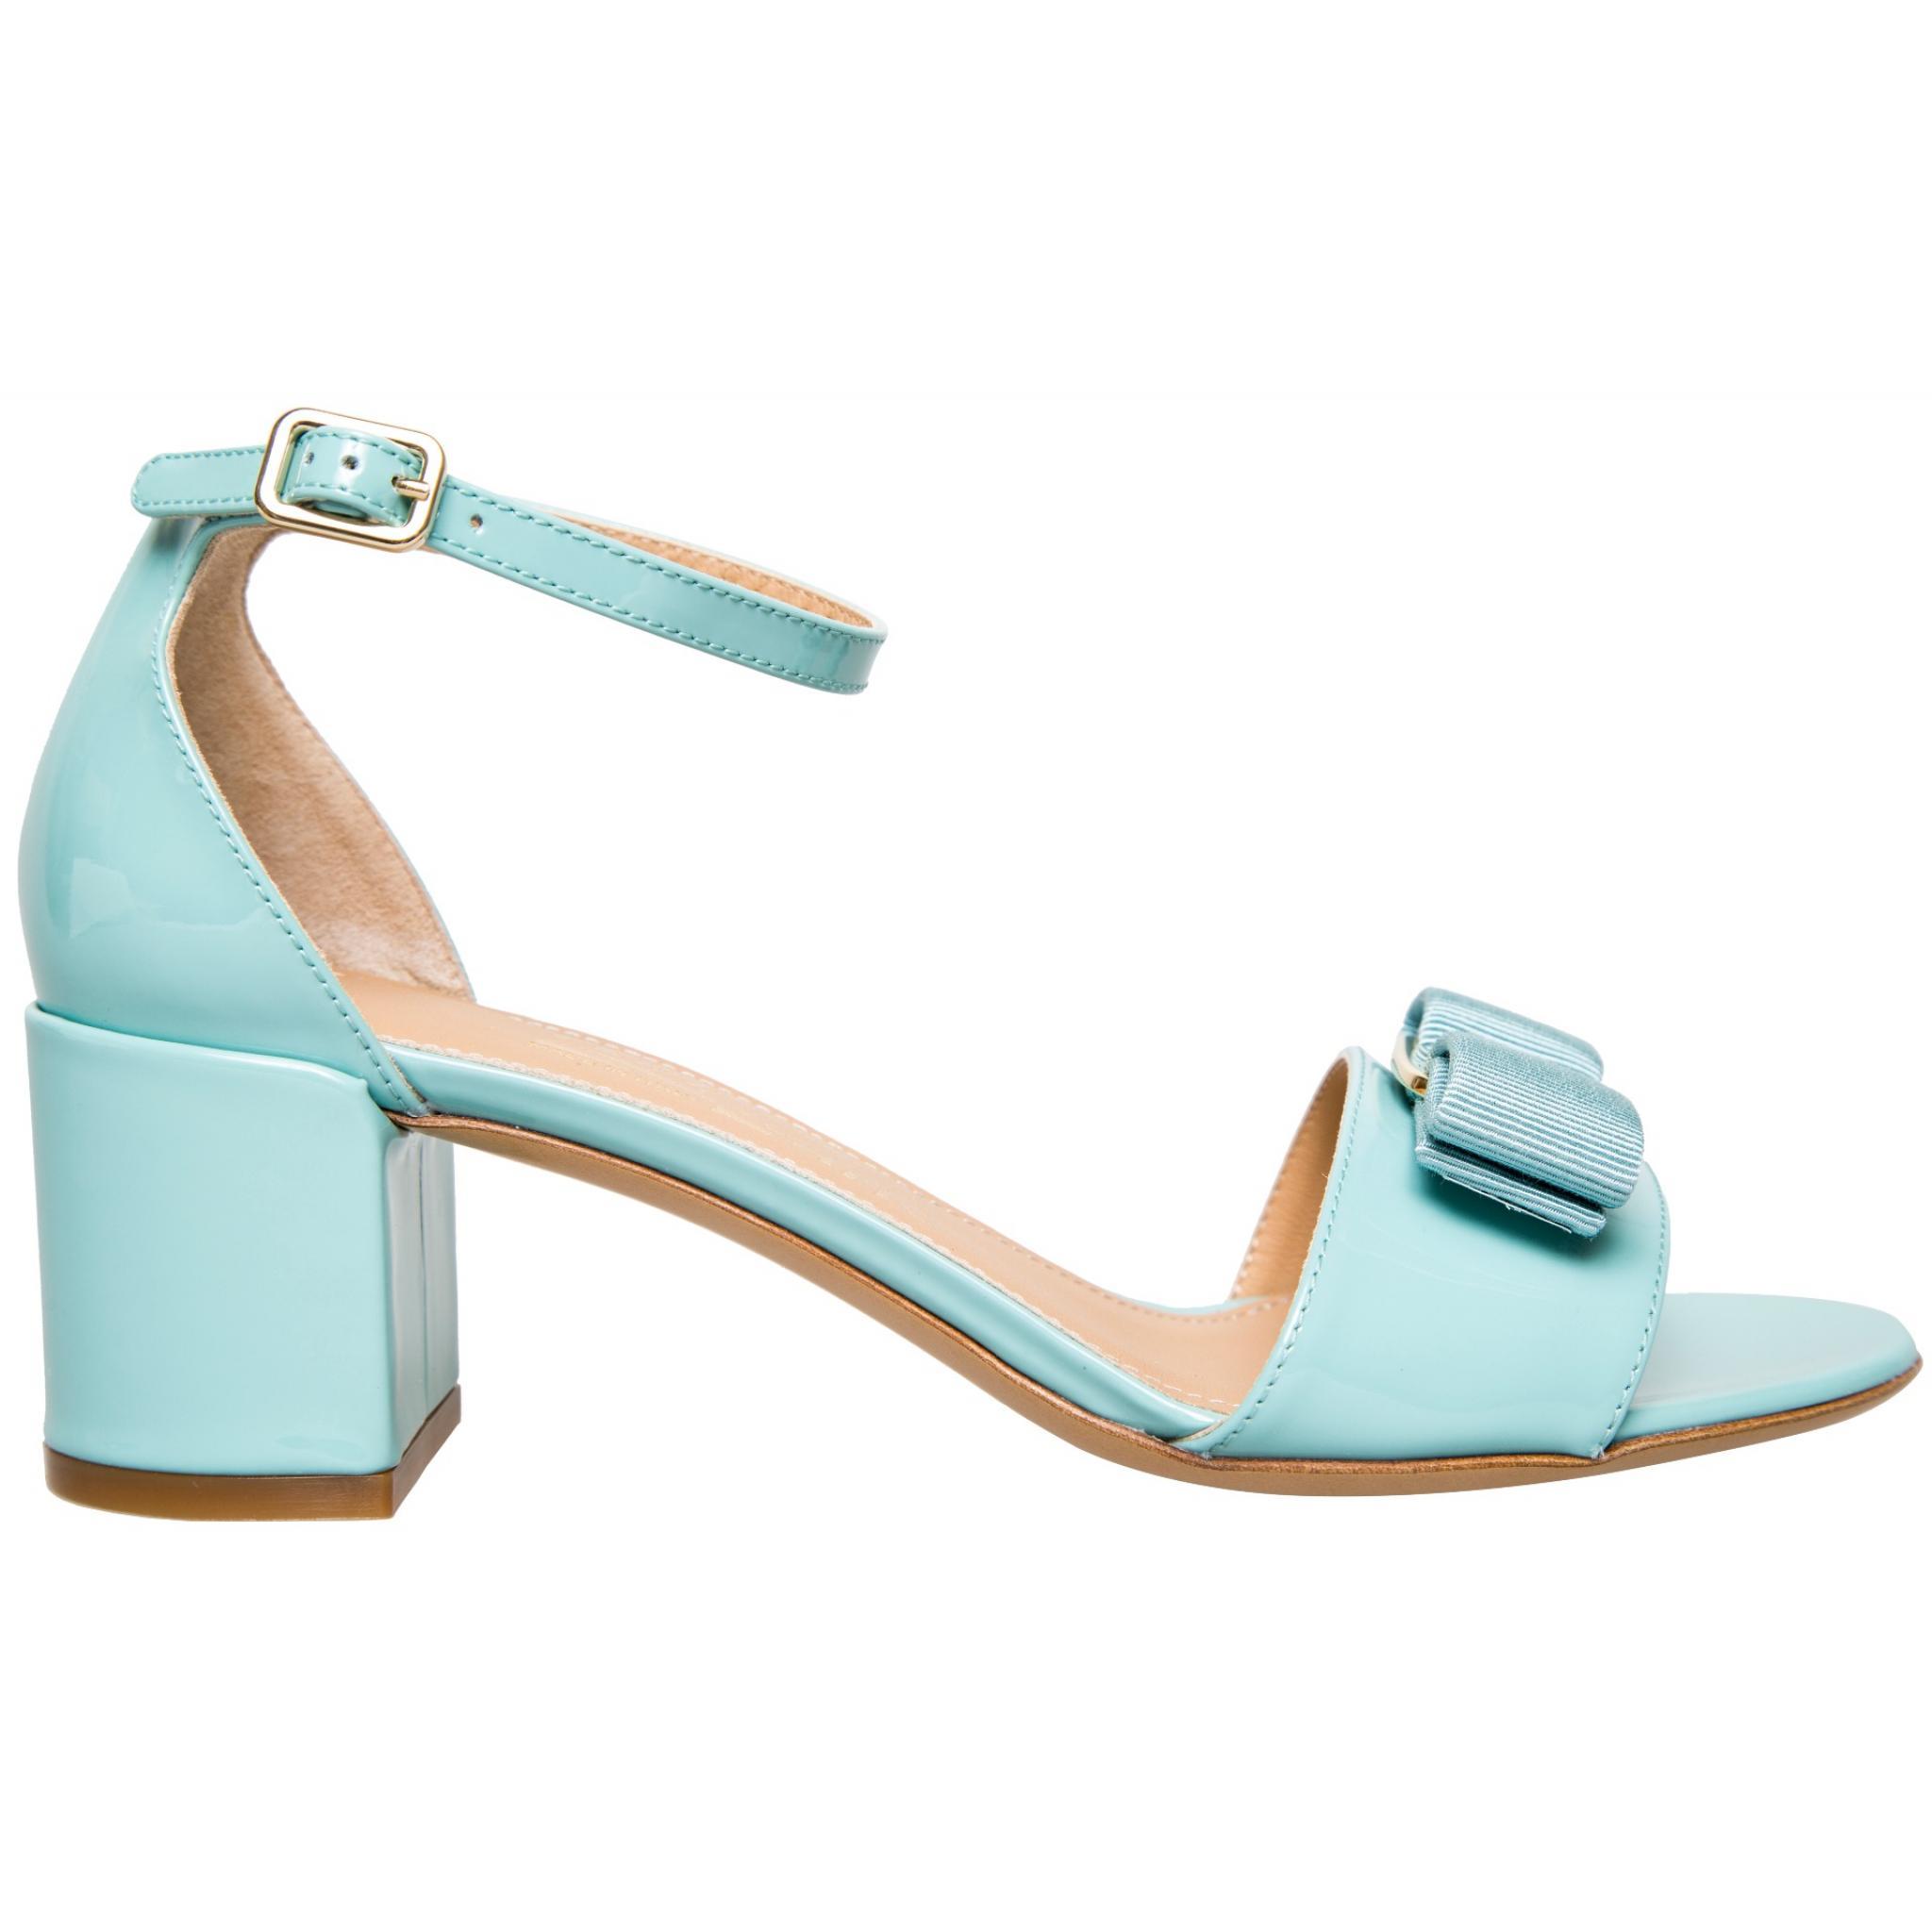 Sandaletten in Lackleder mit Schleifen-Logozier und Blockabsatz-0